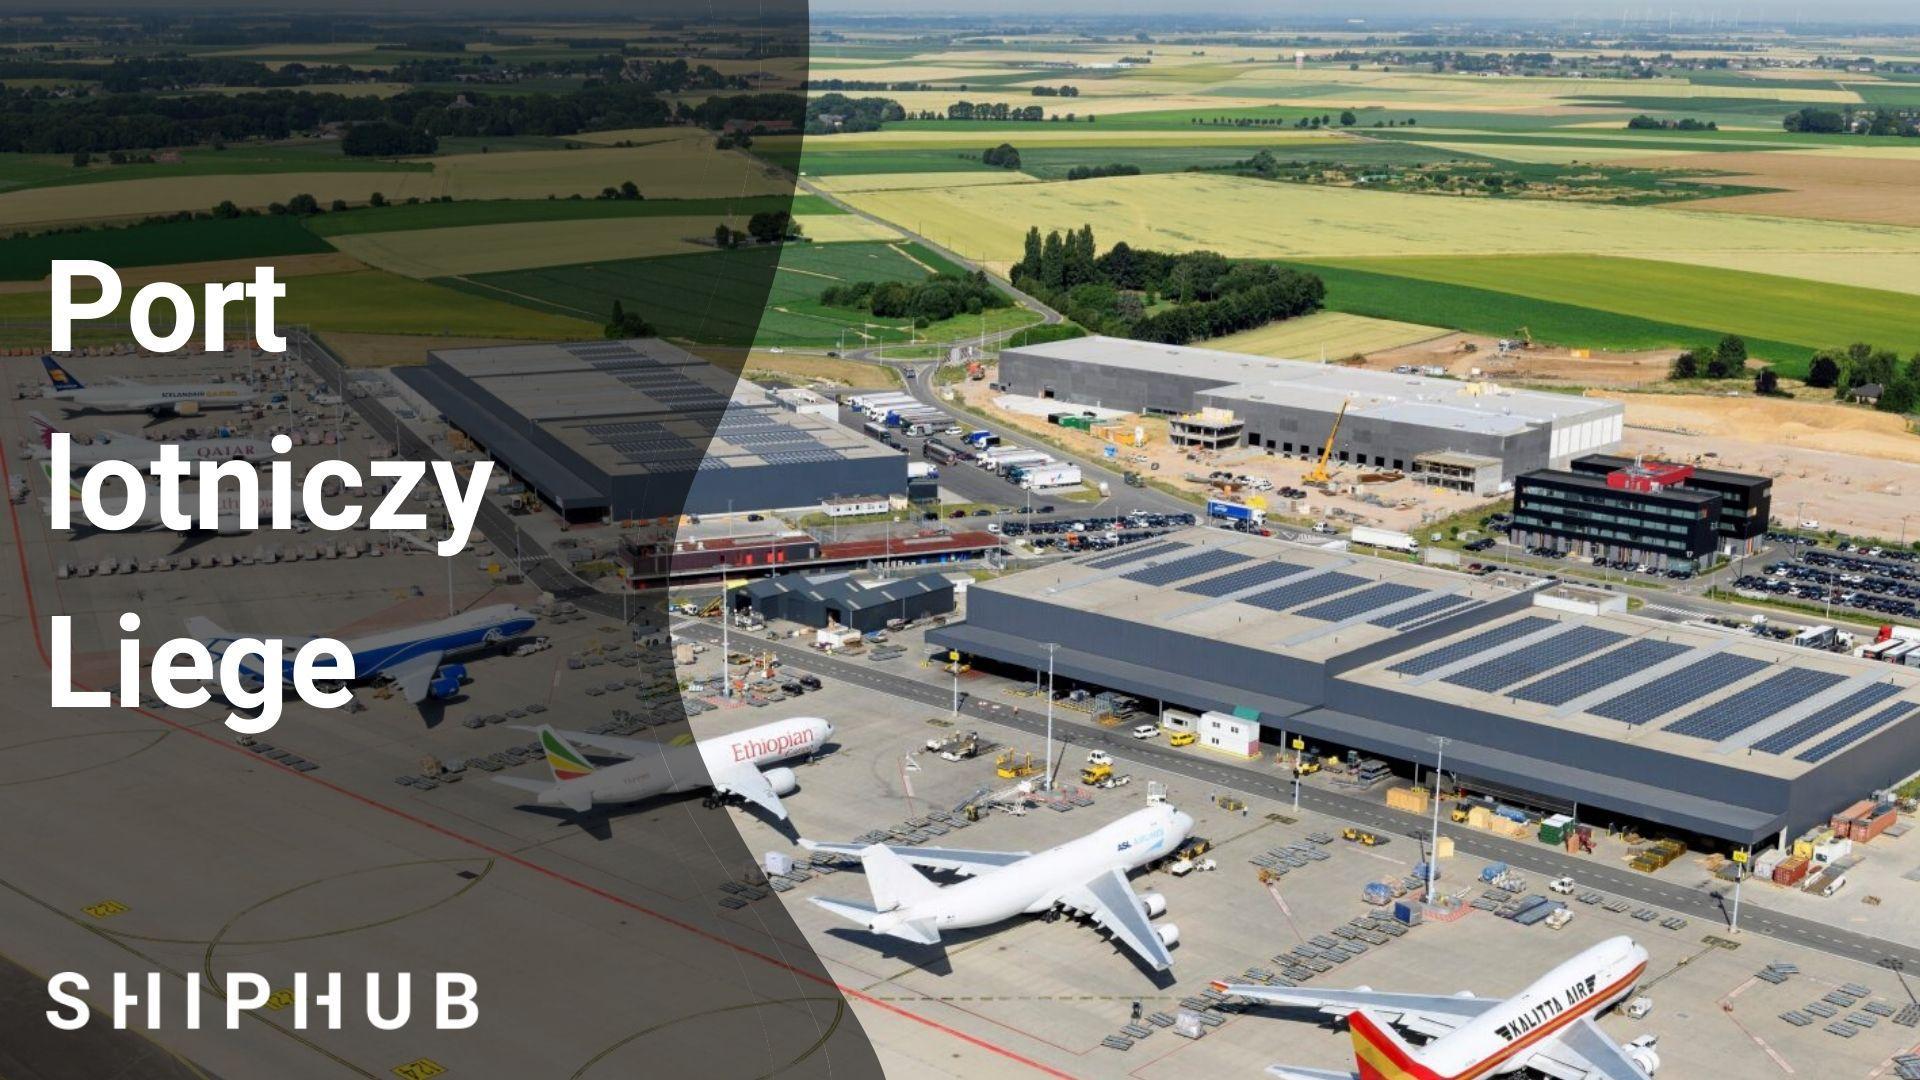 Port lotniczy Liege